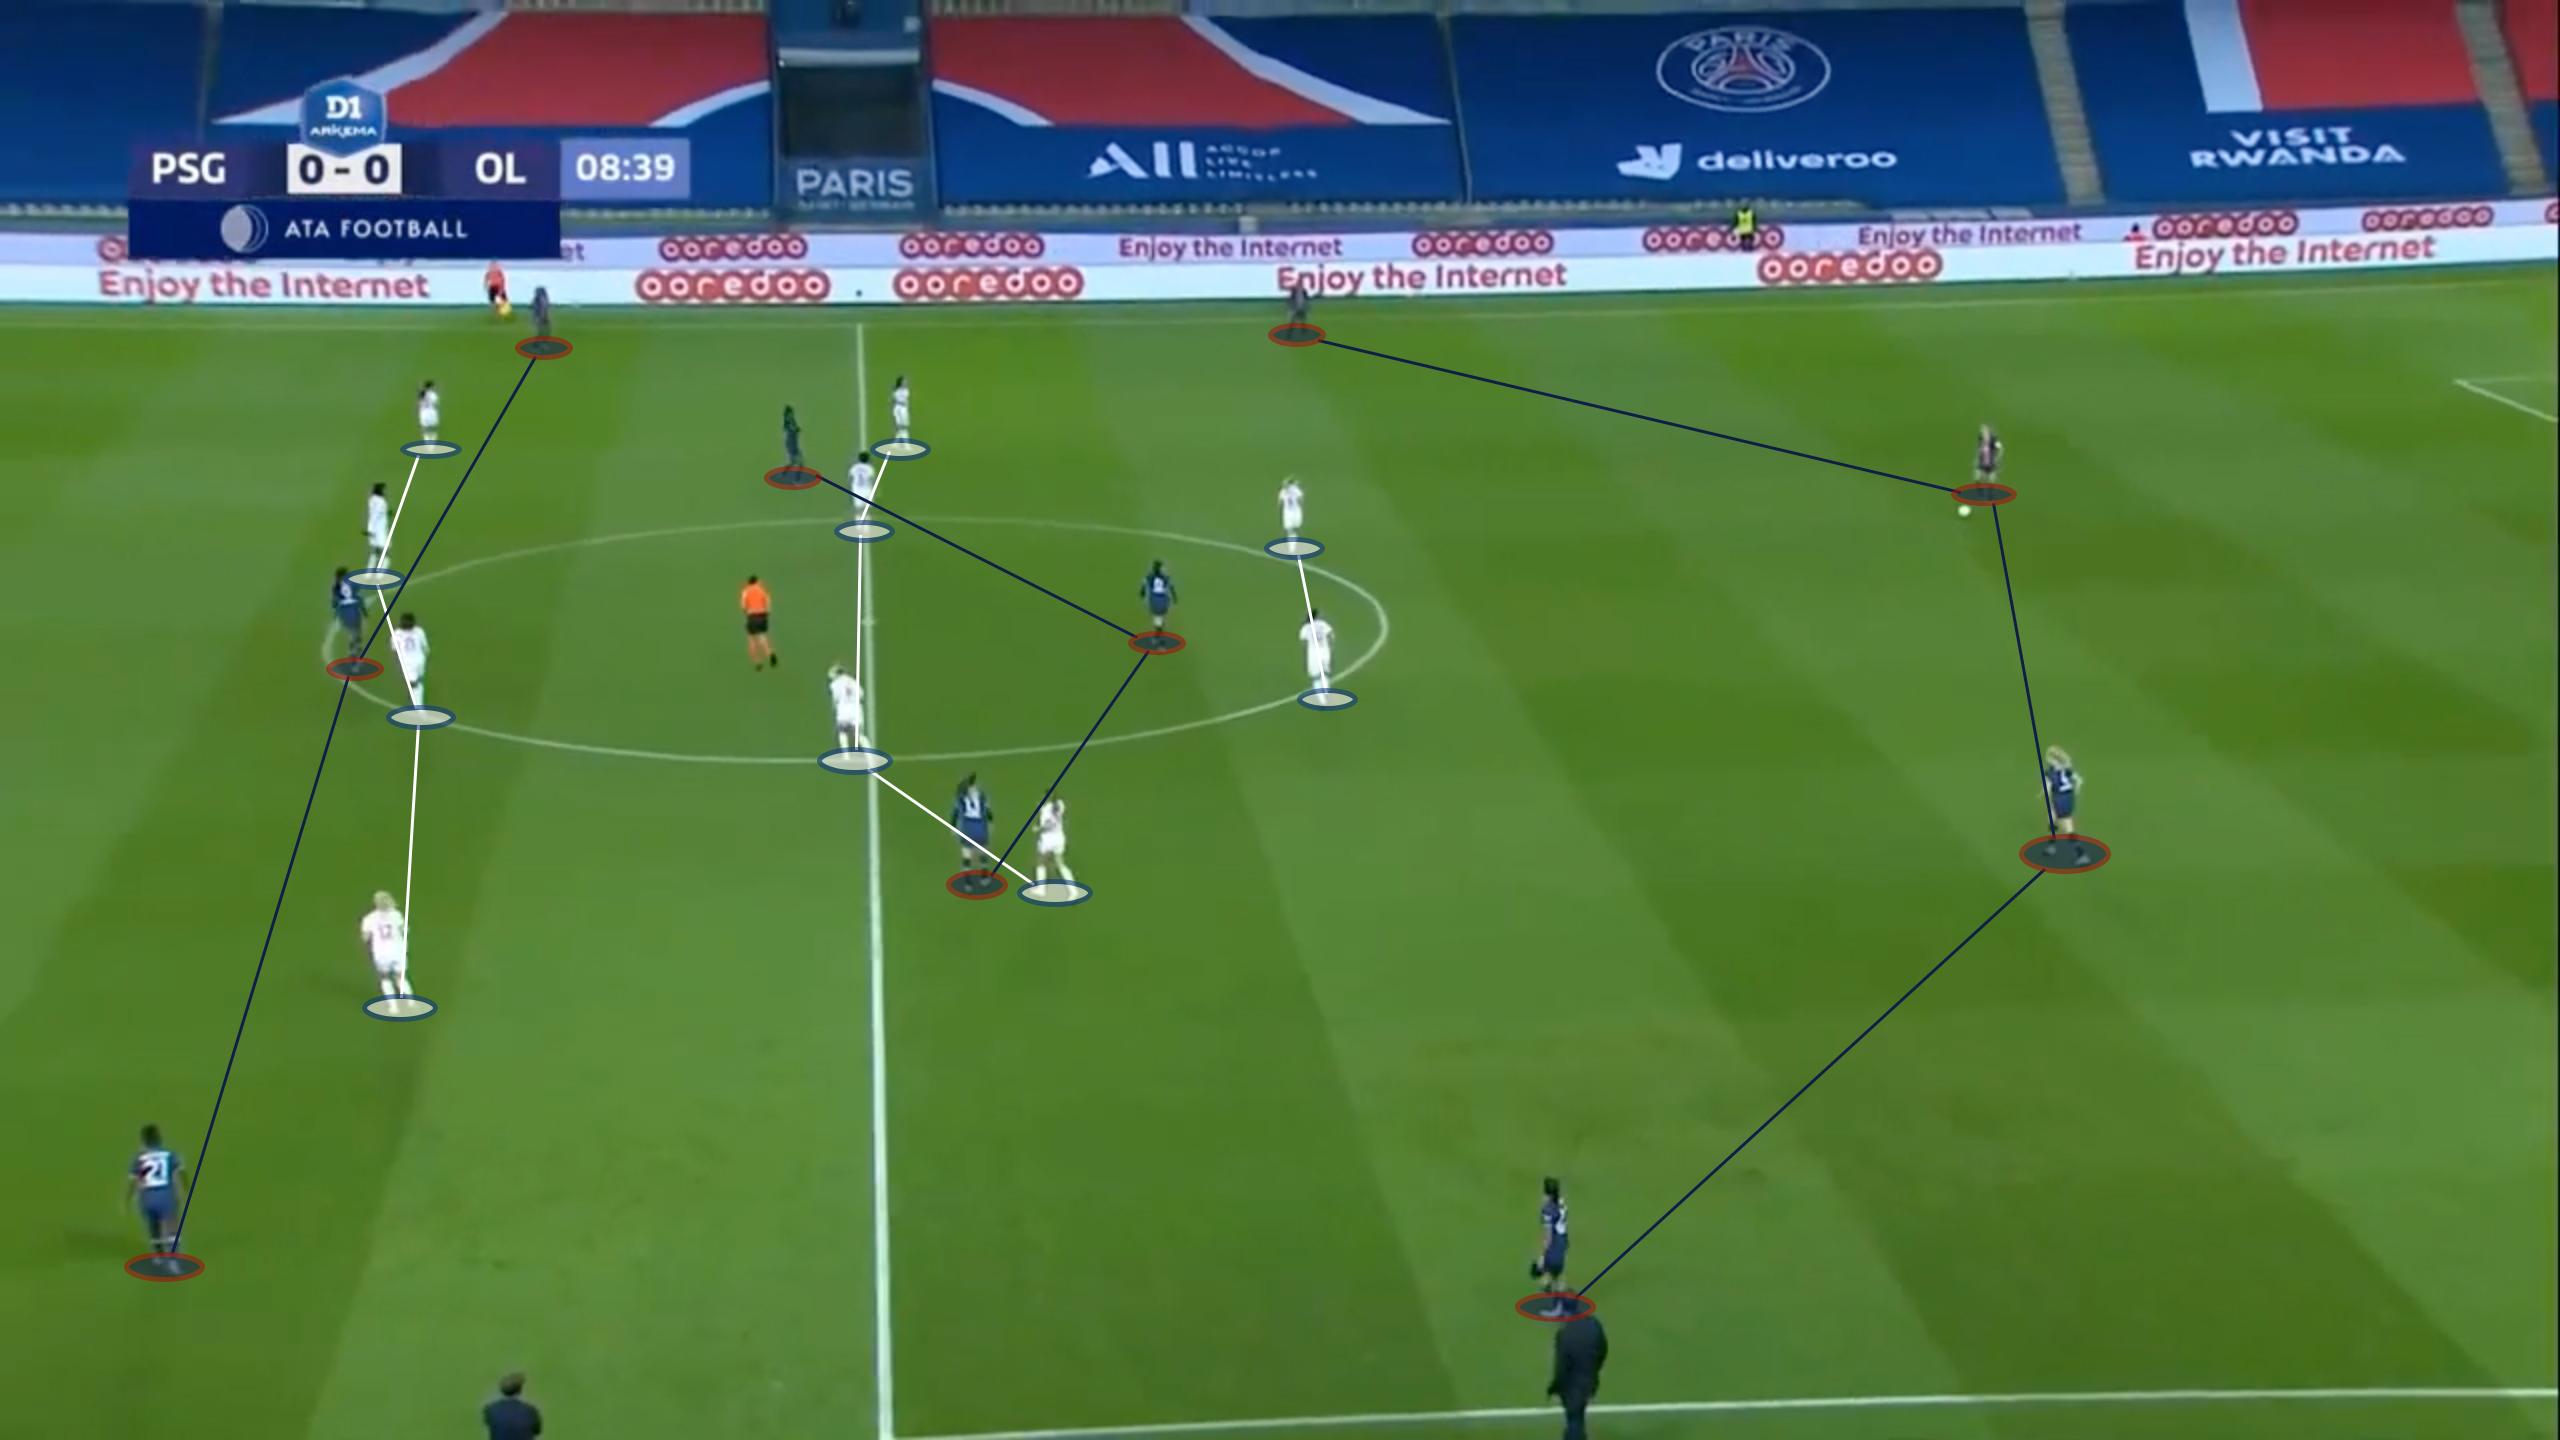 Le 4-4-2 de l'OL en phase défensive face au 4-3-3 parisien en phase offensive